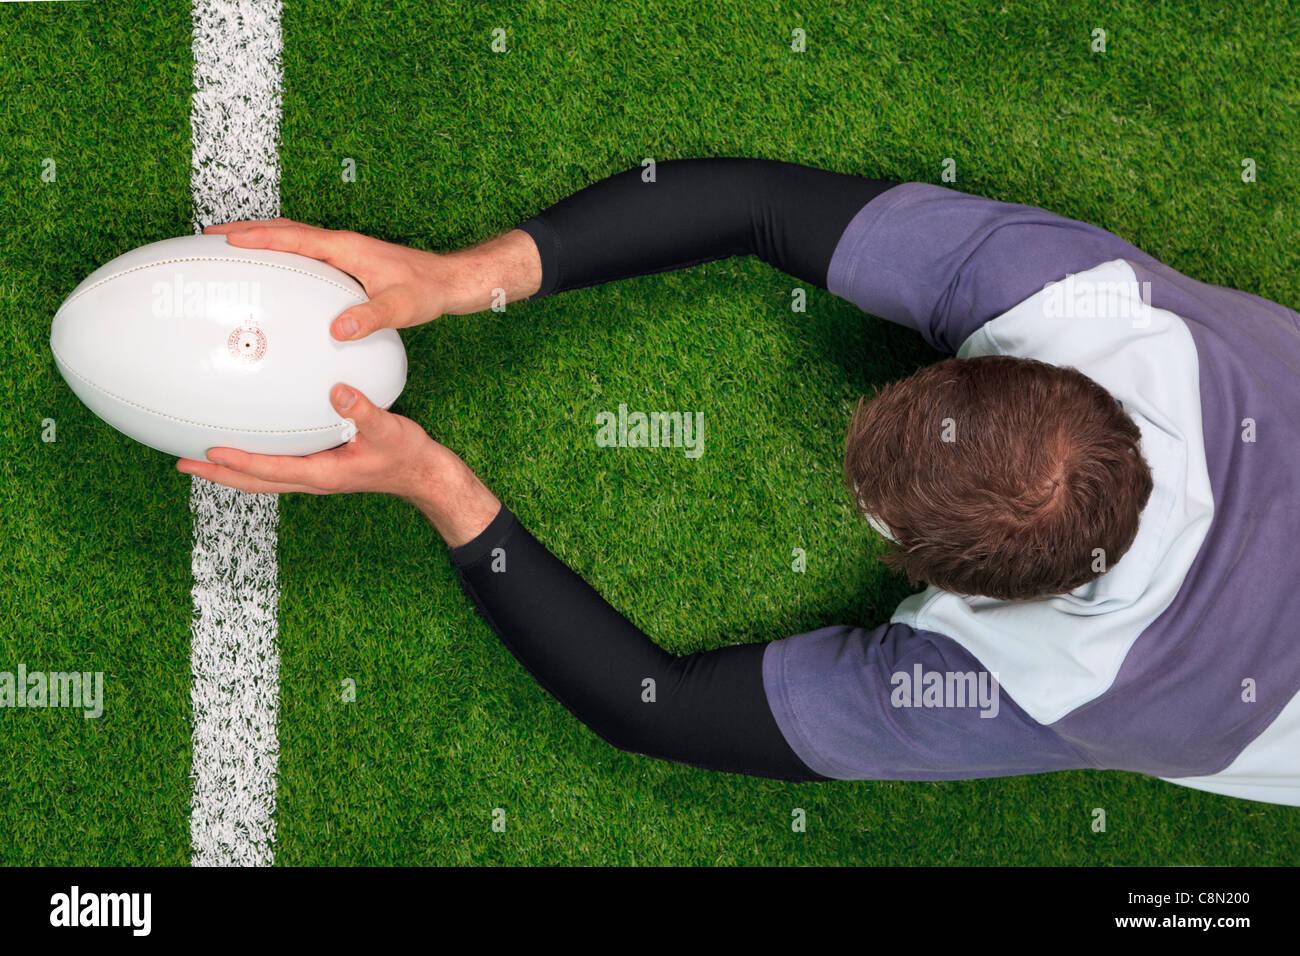 Foto aerea di un giocatore di rugby immersioni subacquee al di sopra della linea di cliente a provare con entrambe Immagini Stock